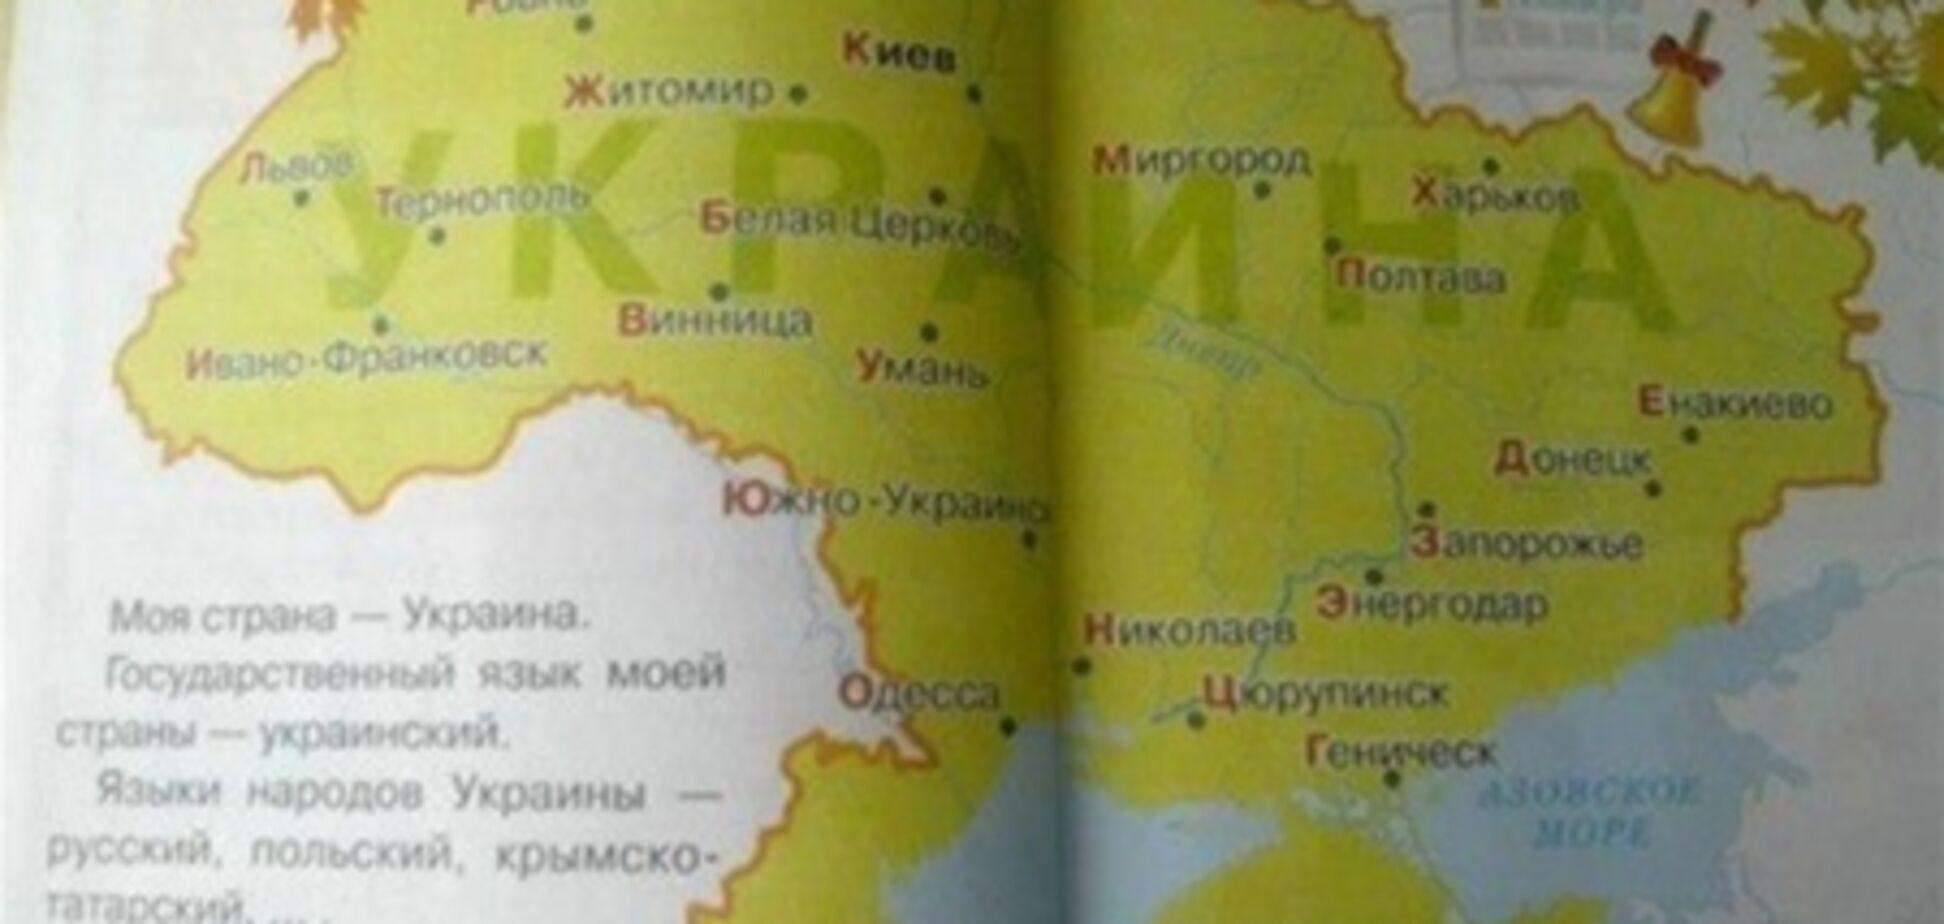 Луганським дітям роздали 'Букварі' з картами України без Луганська